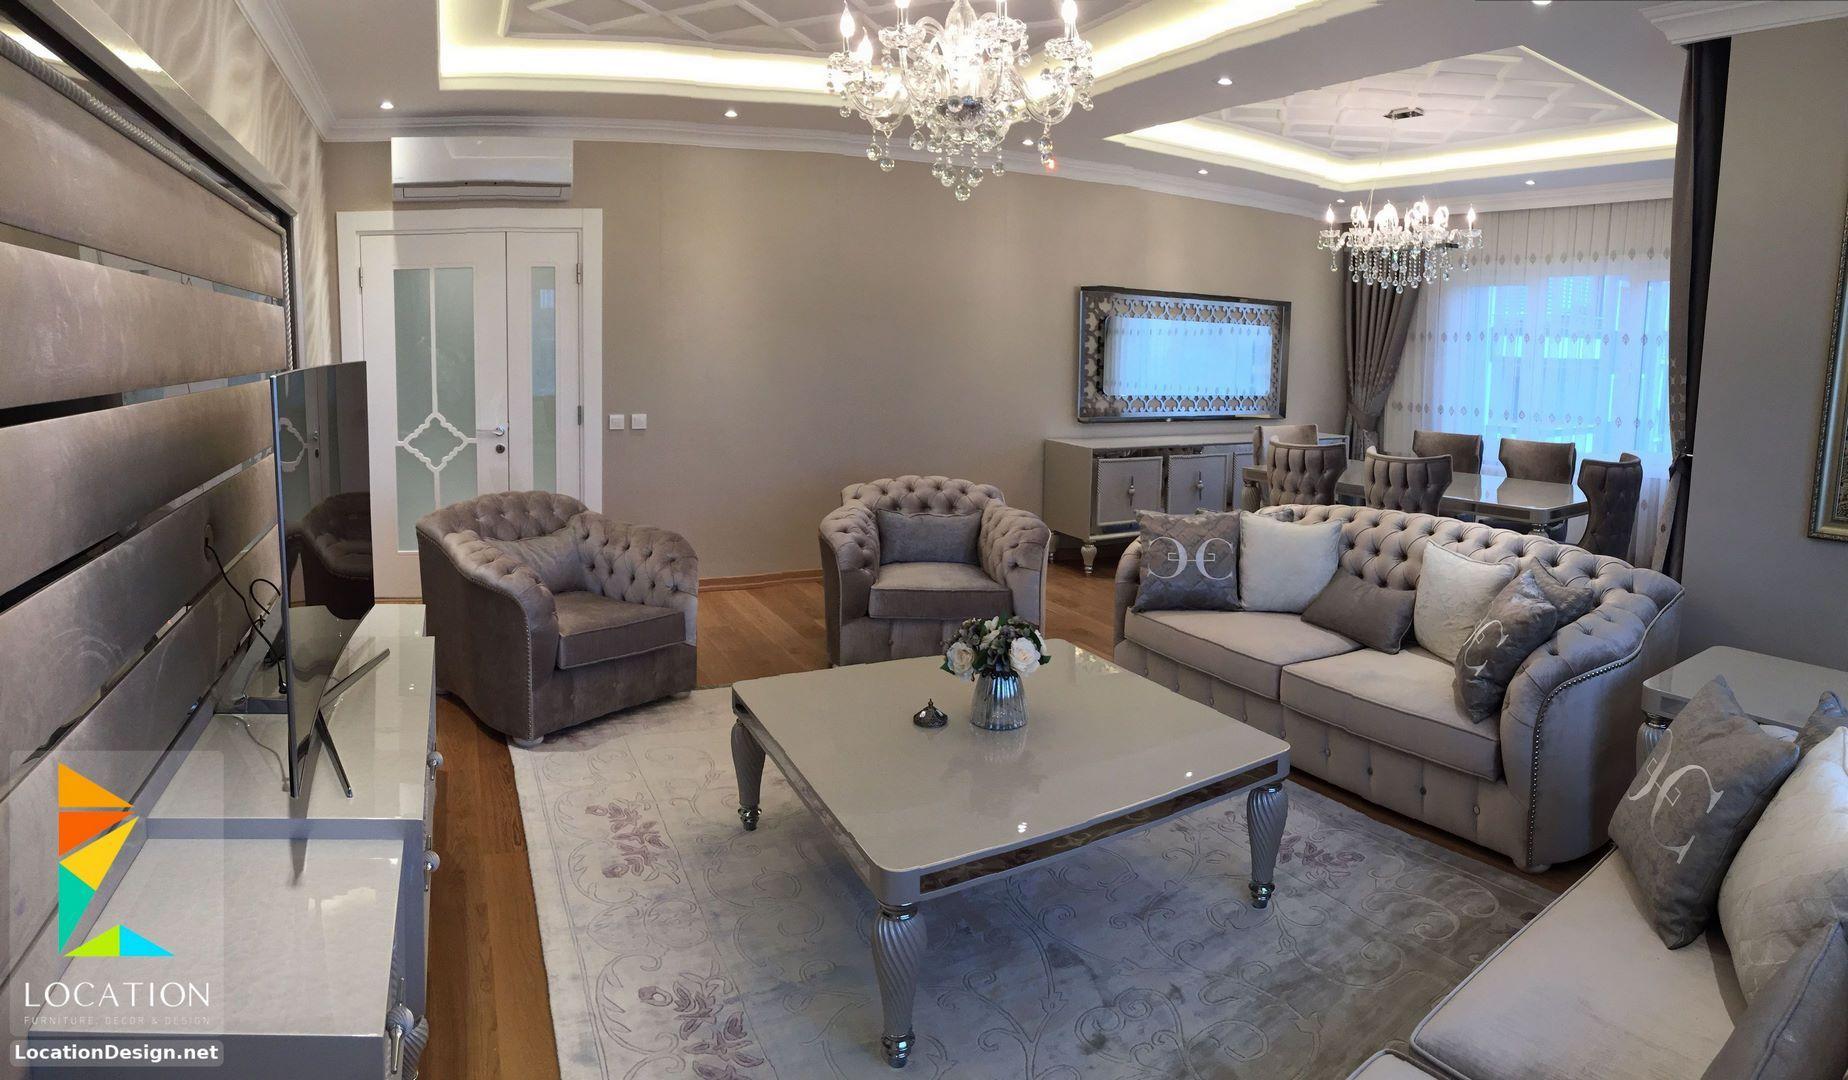 اشكال انتريهات مودرن من أحدث موديلات كنب الأنتريه التركي 2019 Furniture Sofa Furniture Living Room Designs